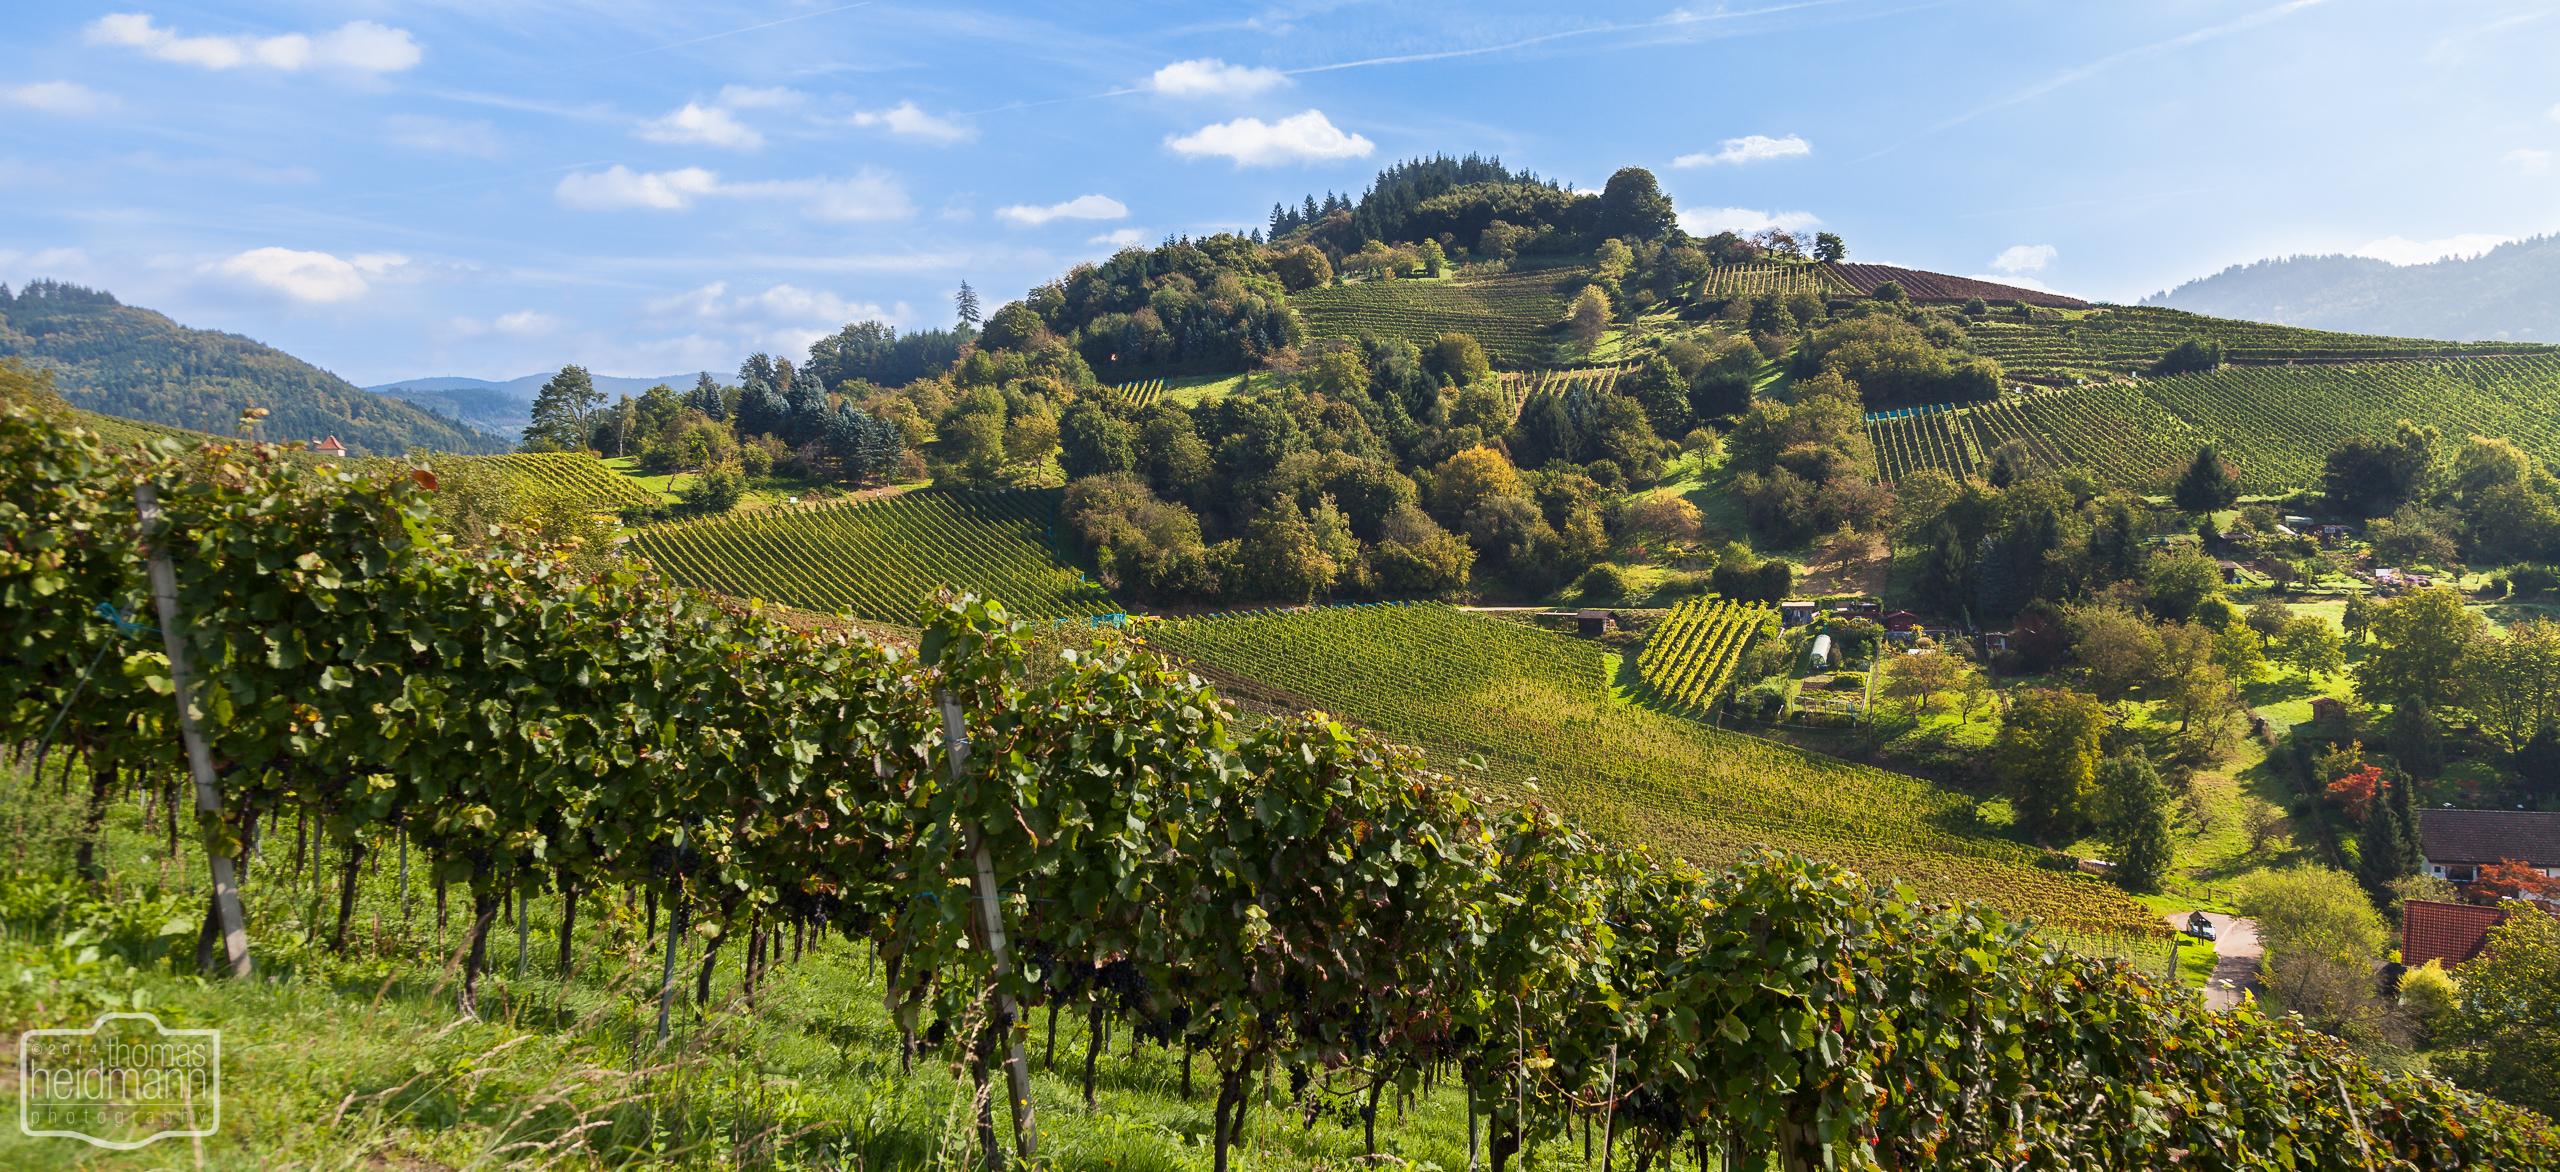 Wanderung durch die Gengenbacher Weinberge